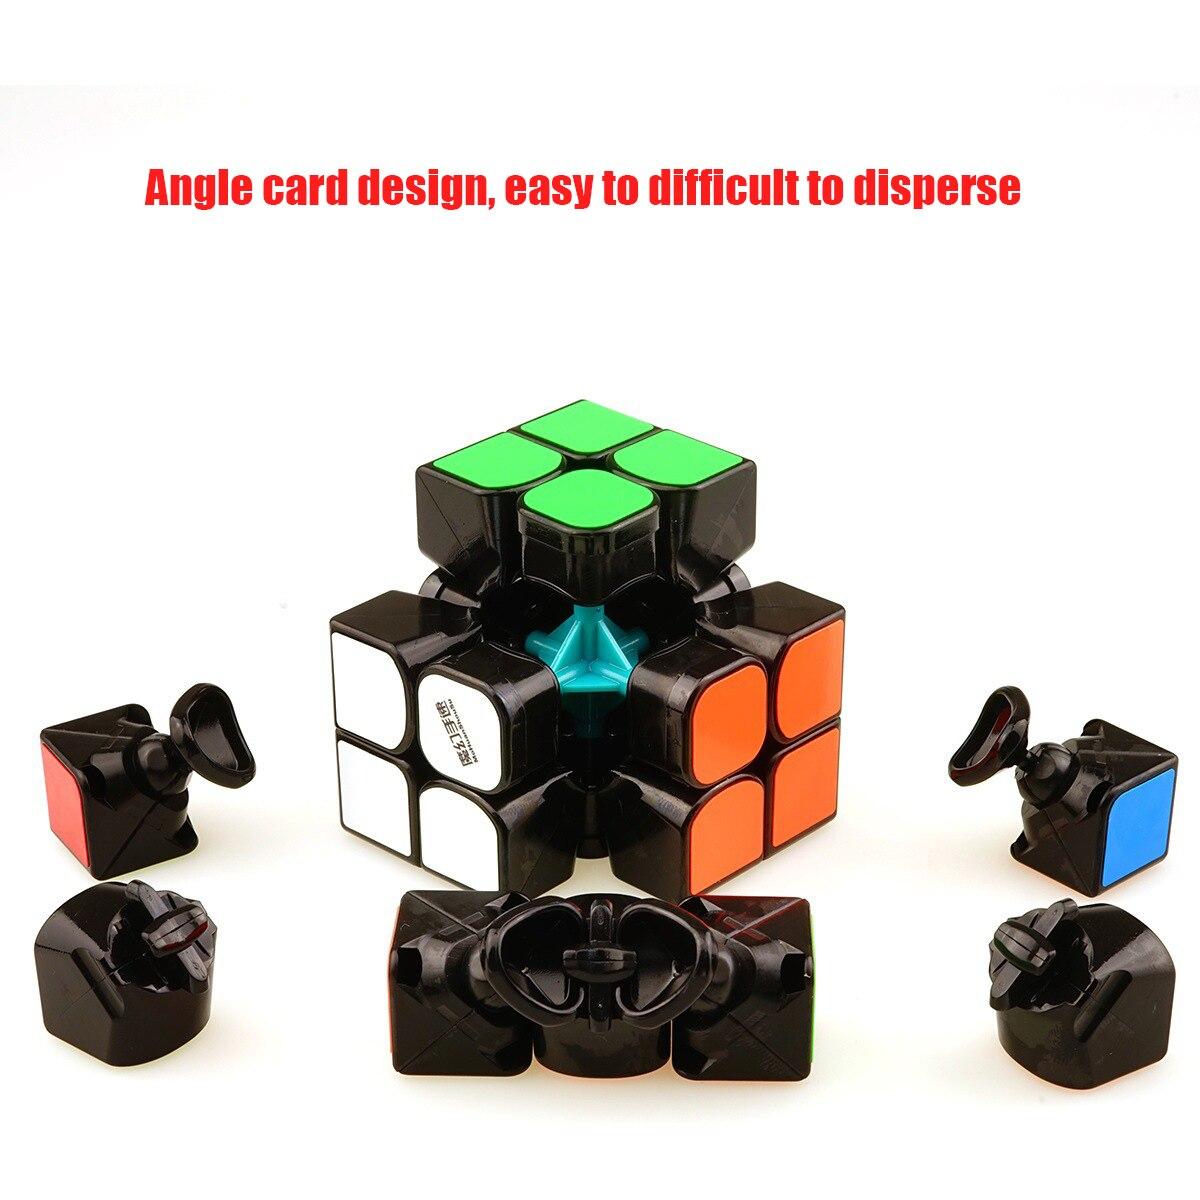 Cubos Mágicos velocidade enigma cube valk 3 Estilo : 5.5*5.5*5.5